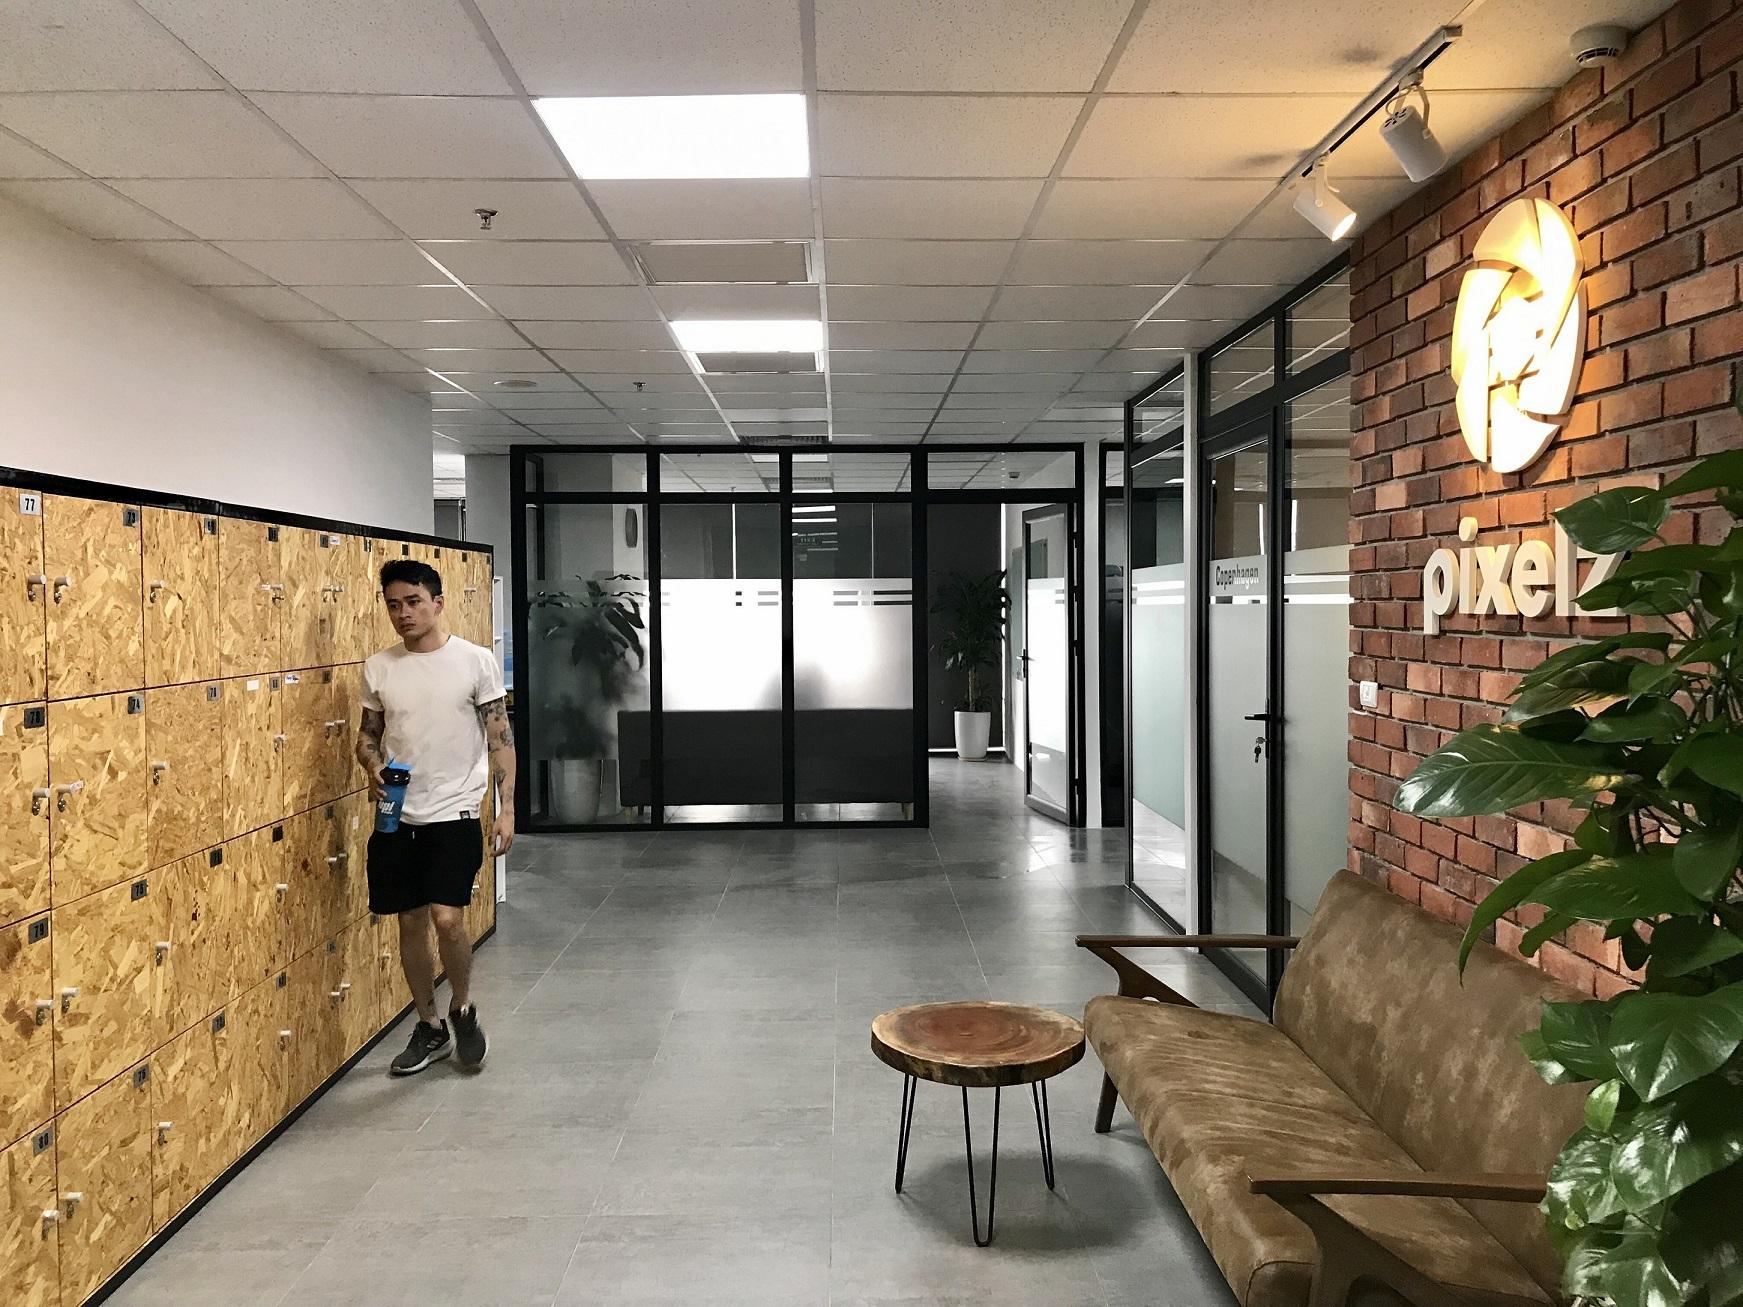 Văn phòng Pixelz 1000m2